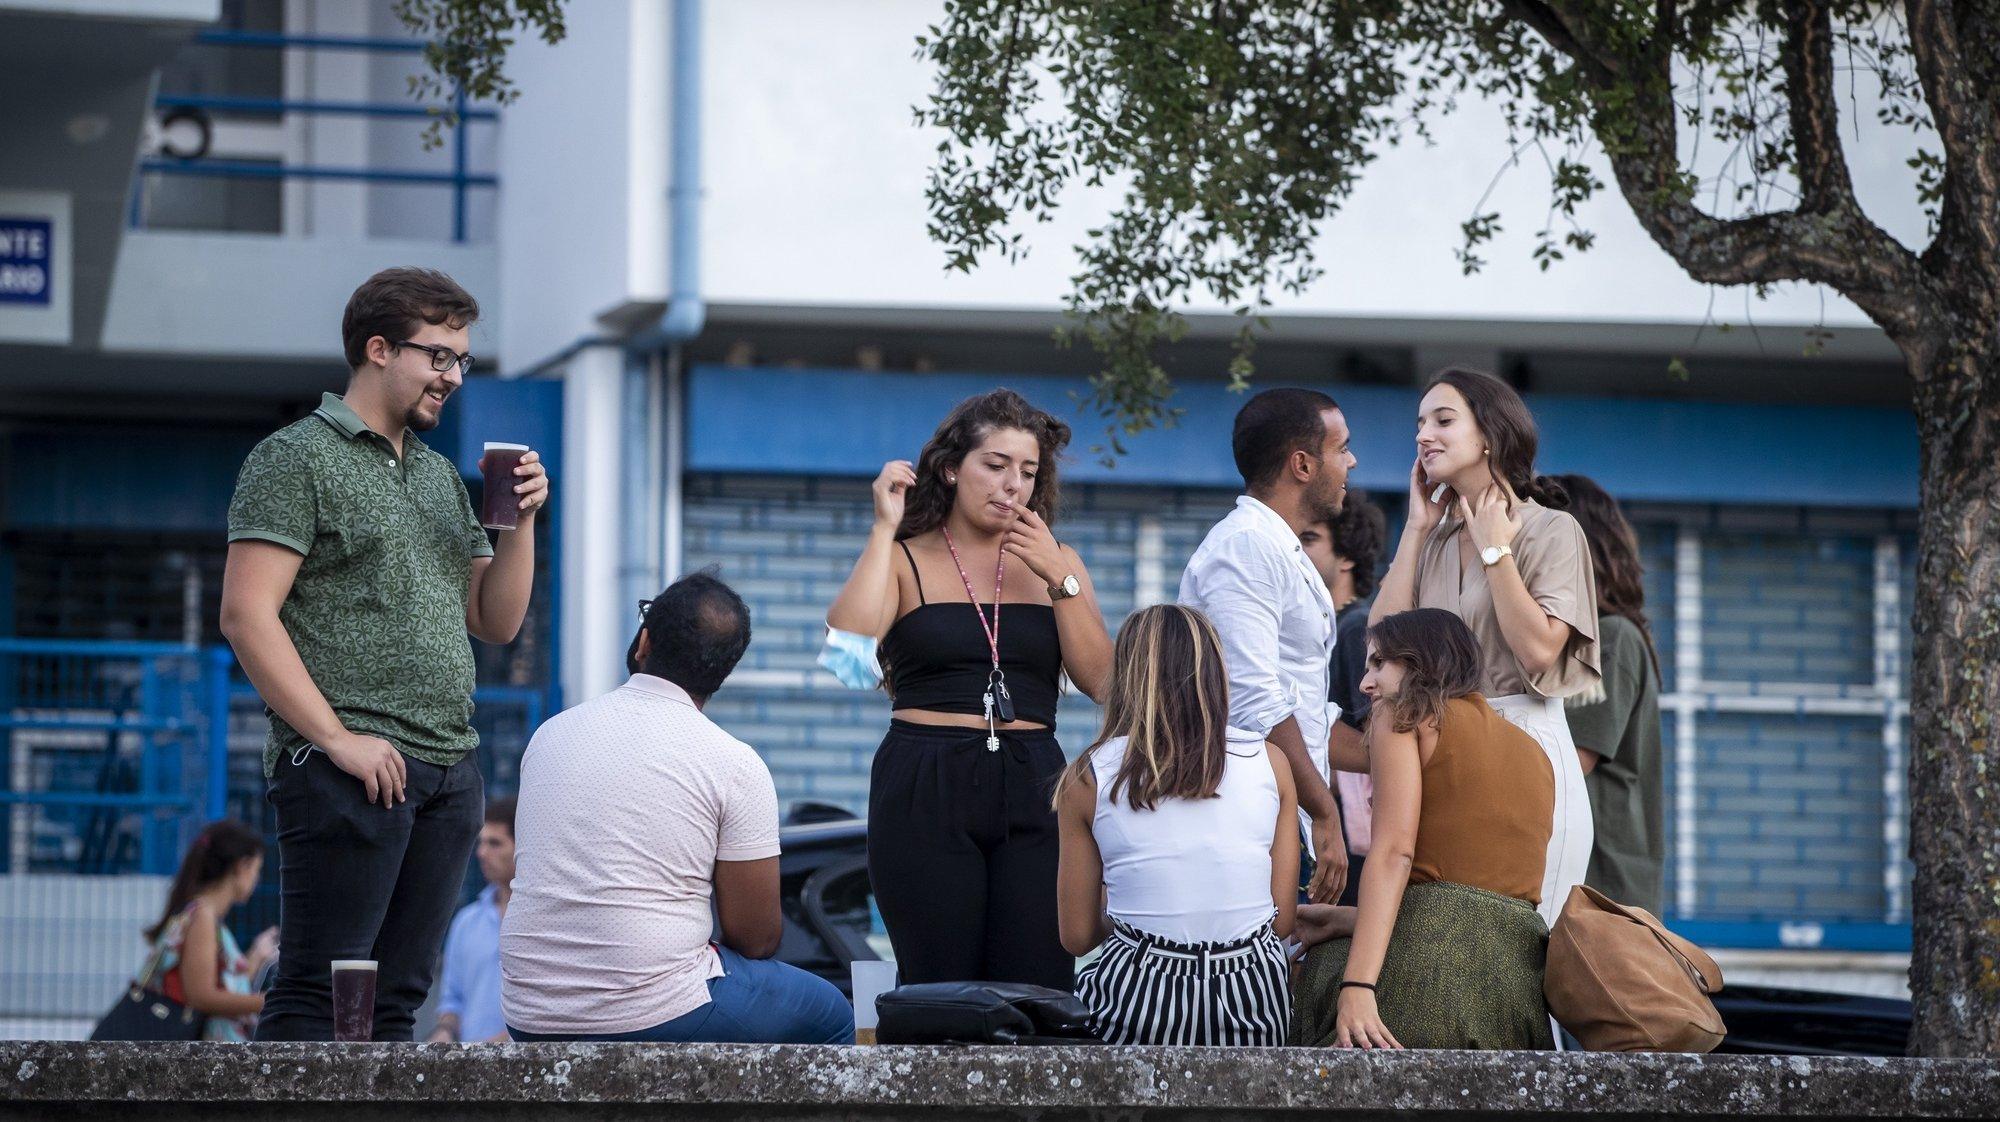 Grupos de jovens reúnem-se ao final da tarde junto à Faculdade de Ciências, na Cidade Universitária de Lisboa, atropelando as regras, já que estão proibidos os ajuntamentos de mais de 10 pessoas e não é permitido beber álcool na via pública na Área Metropolitana de Lisboa, onde tem vigorado o estado de contingência, devido à pandemia de covid-19, Lisboa, 10 de setembro de 2020.  (ACOMPANHA TEXTO DE 12/09/2020) JOSÉ SENA GOULÃO/LUSA